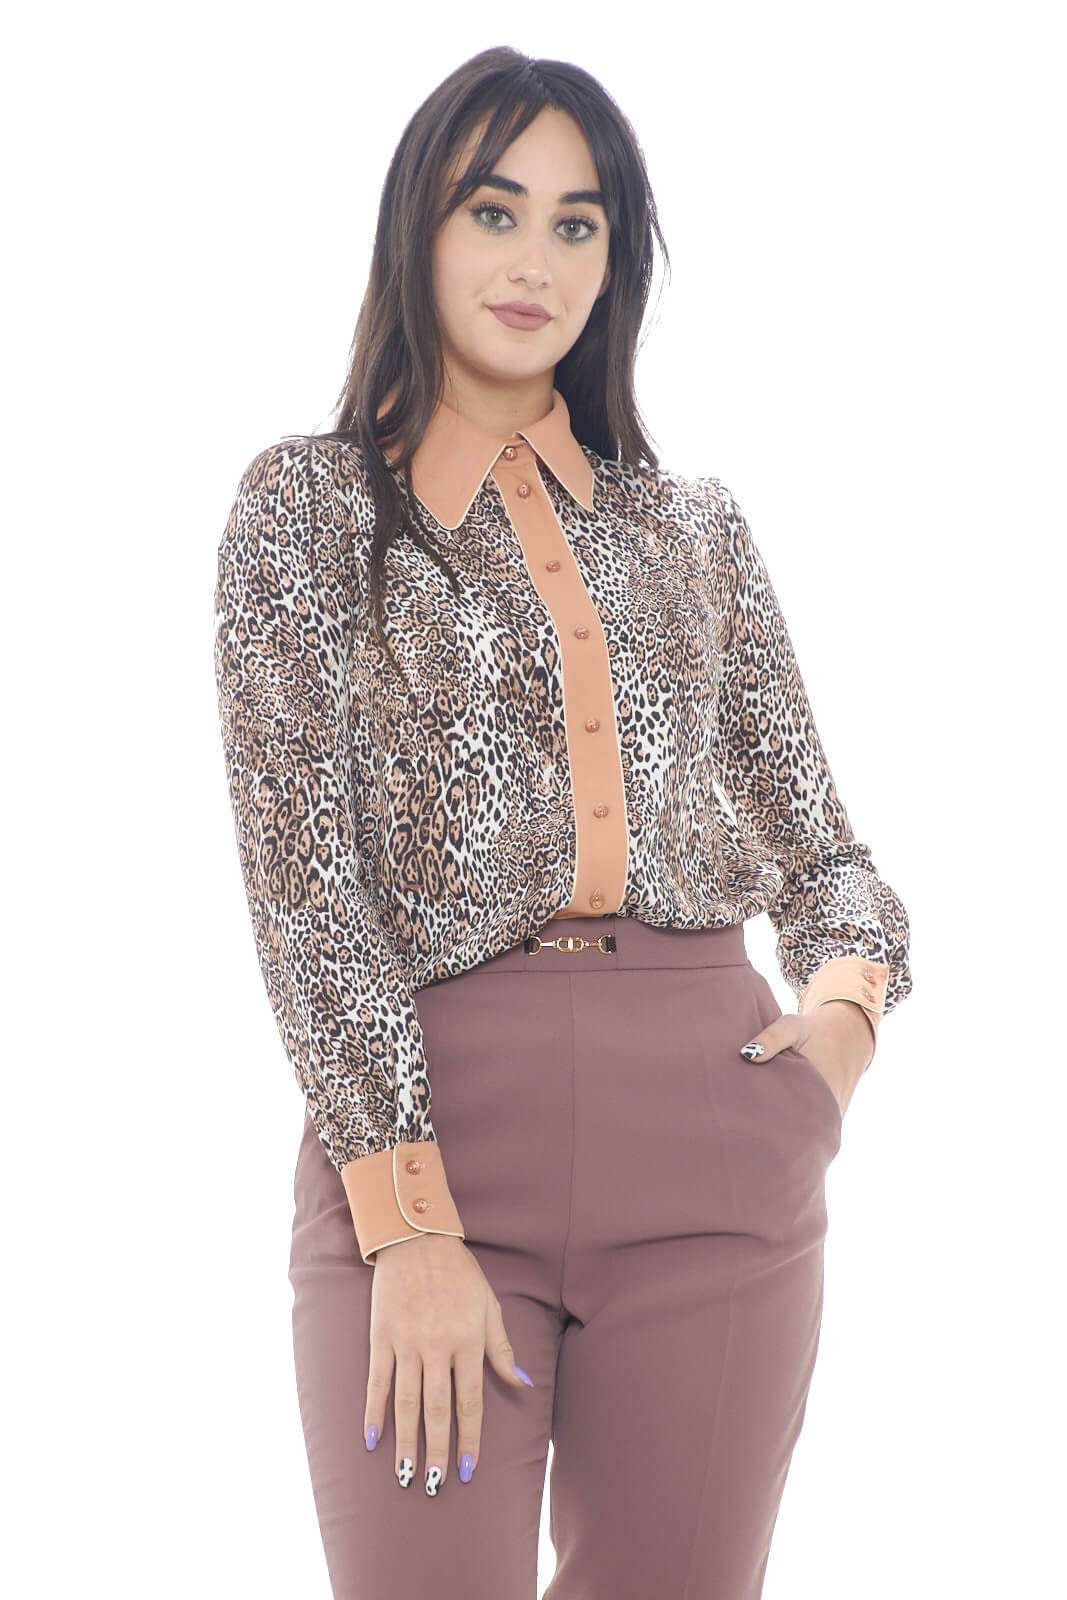 Scopri la nuova camicia proposta per la collezione donna Elisabetta Franchi. Da abbinare con i look più ricercati, è un capo senza tempo. Da indossare sia con un pantalone che con un jeans, la fantasia animalier fa da padrona per un look trendy e raffinato.